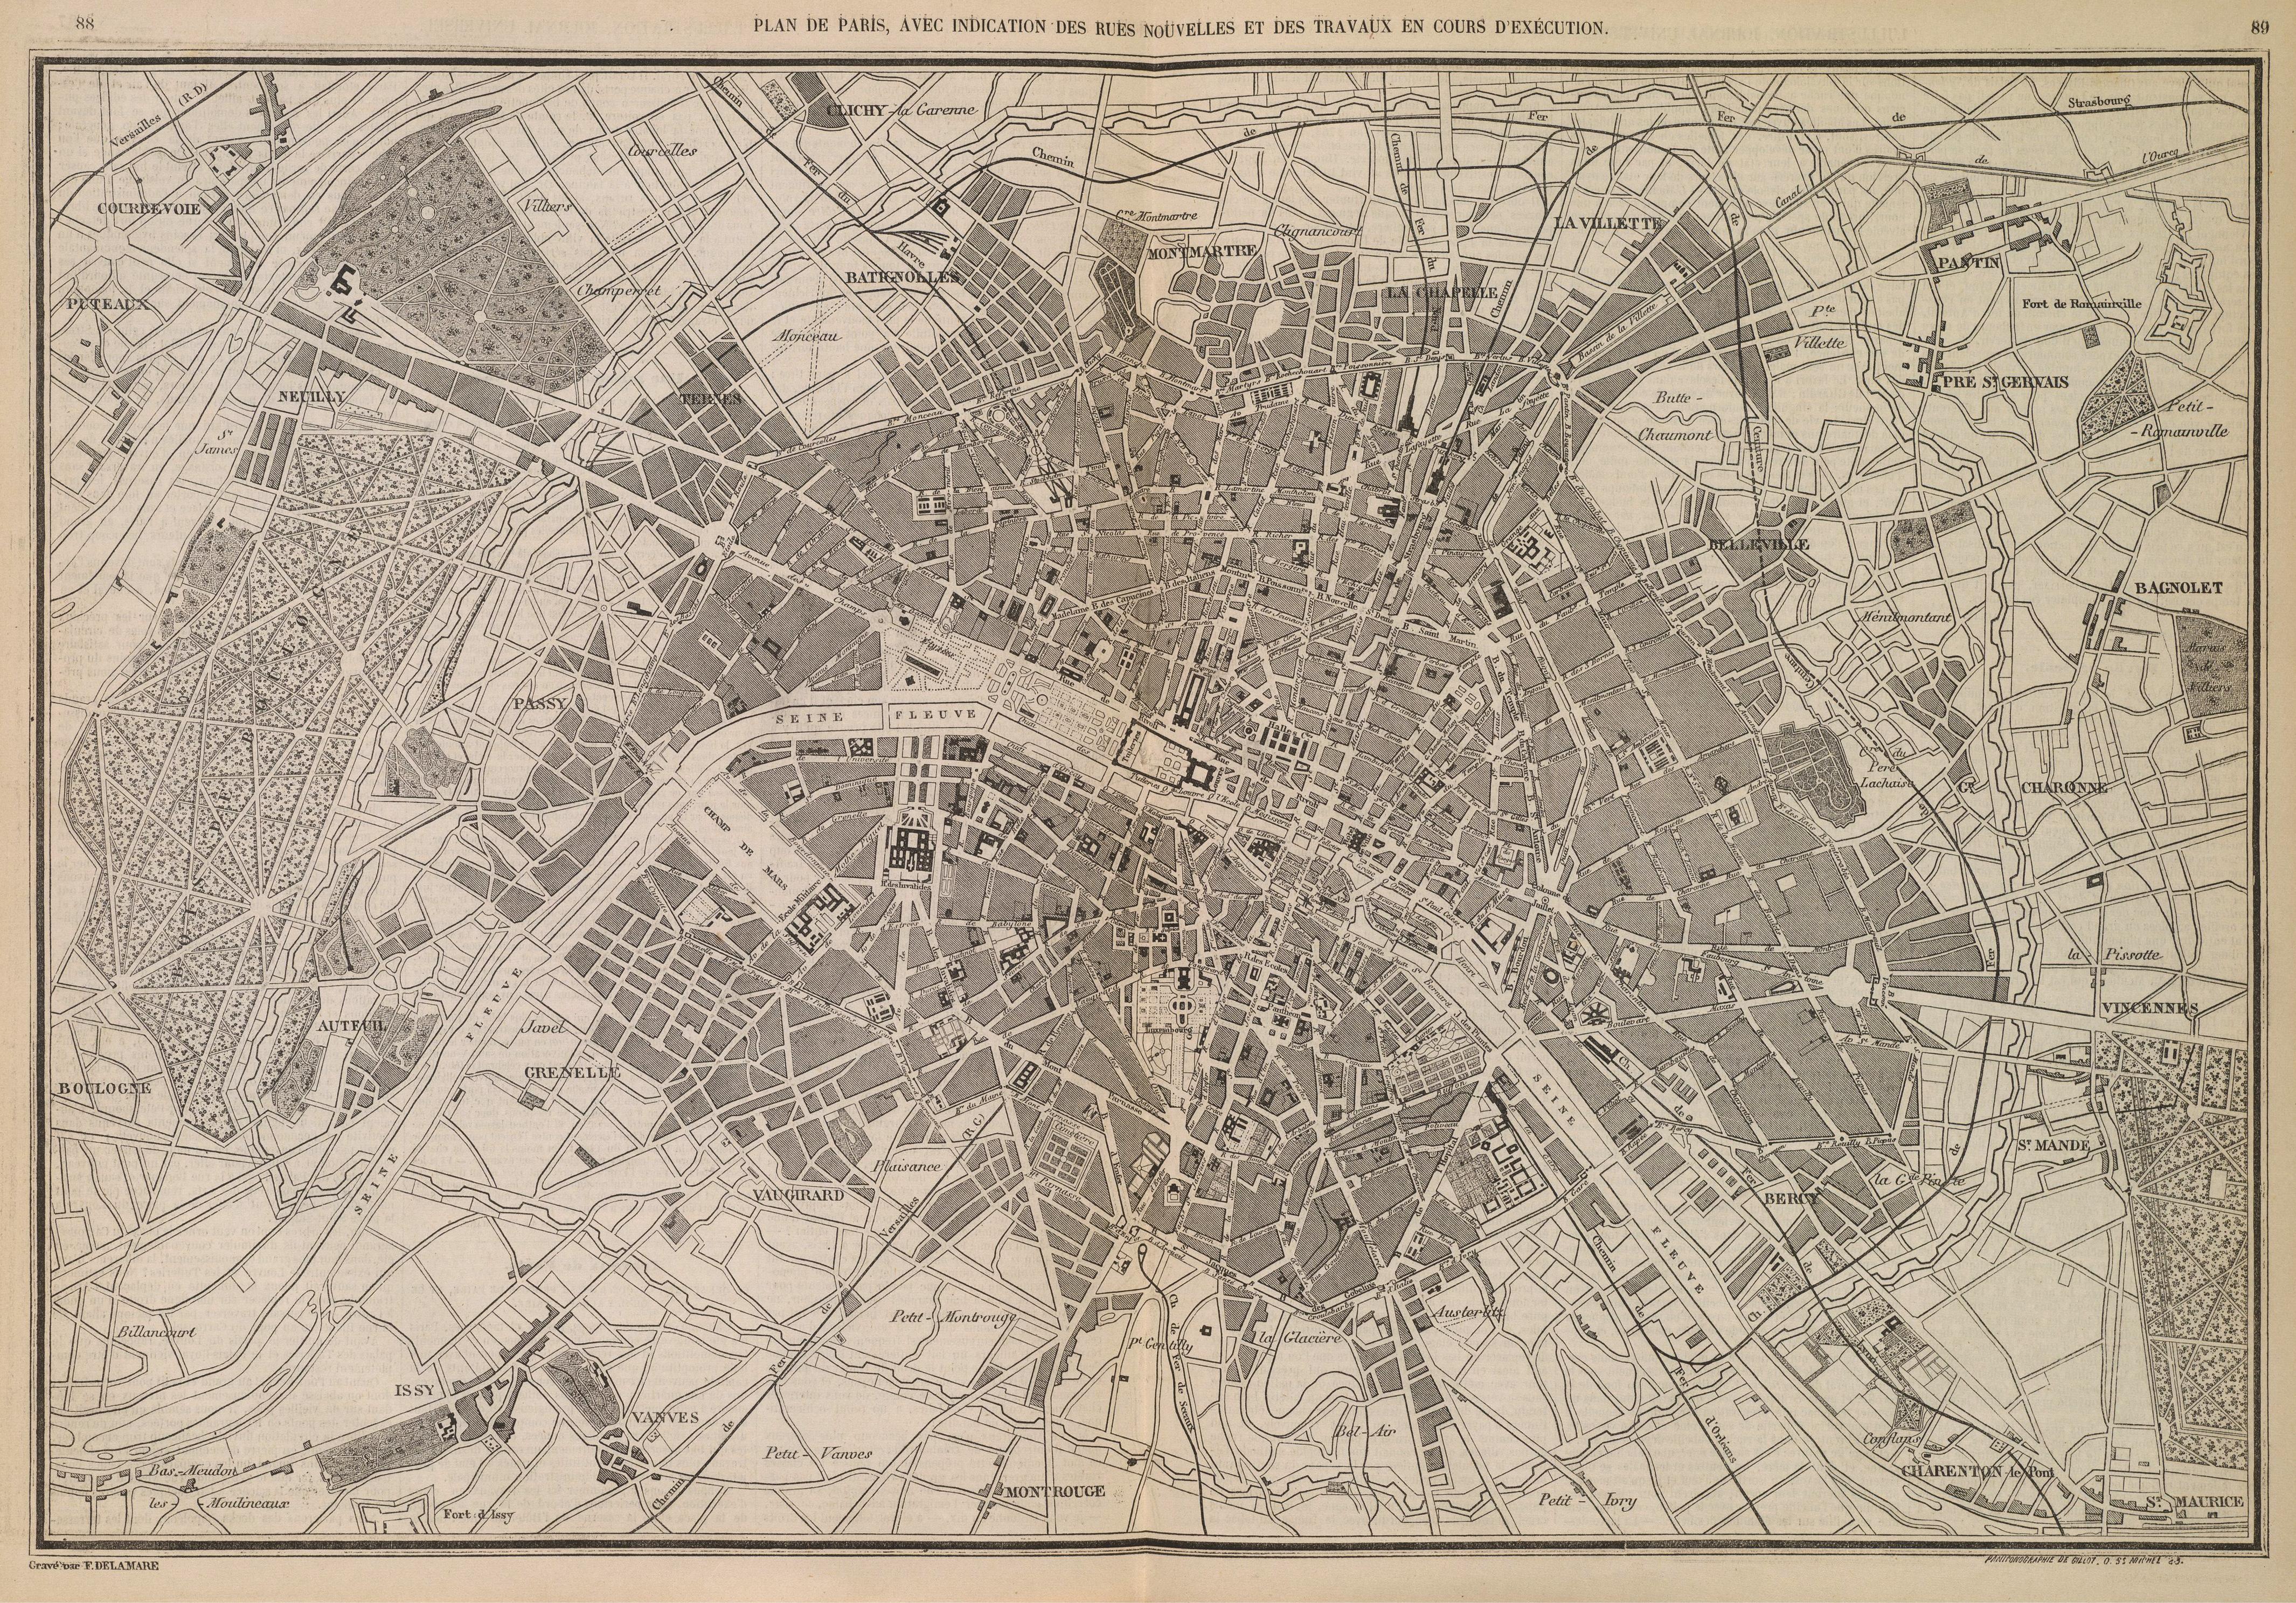 File:Plan de Paris, avec indication des rues nouvelles et des travaux en cours d'exécution.jpg